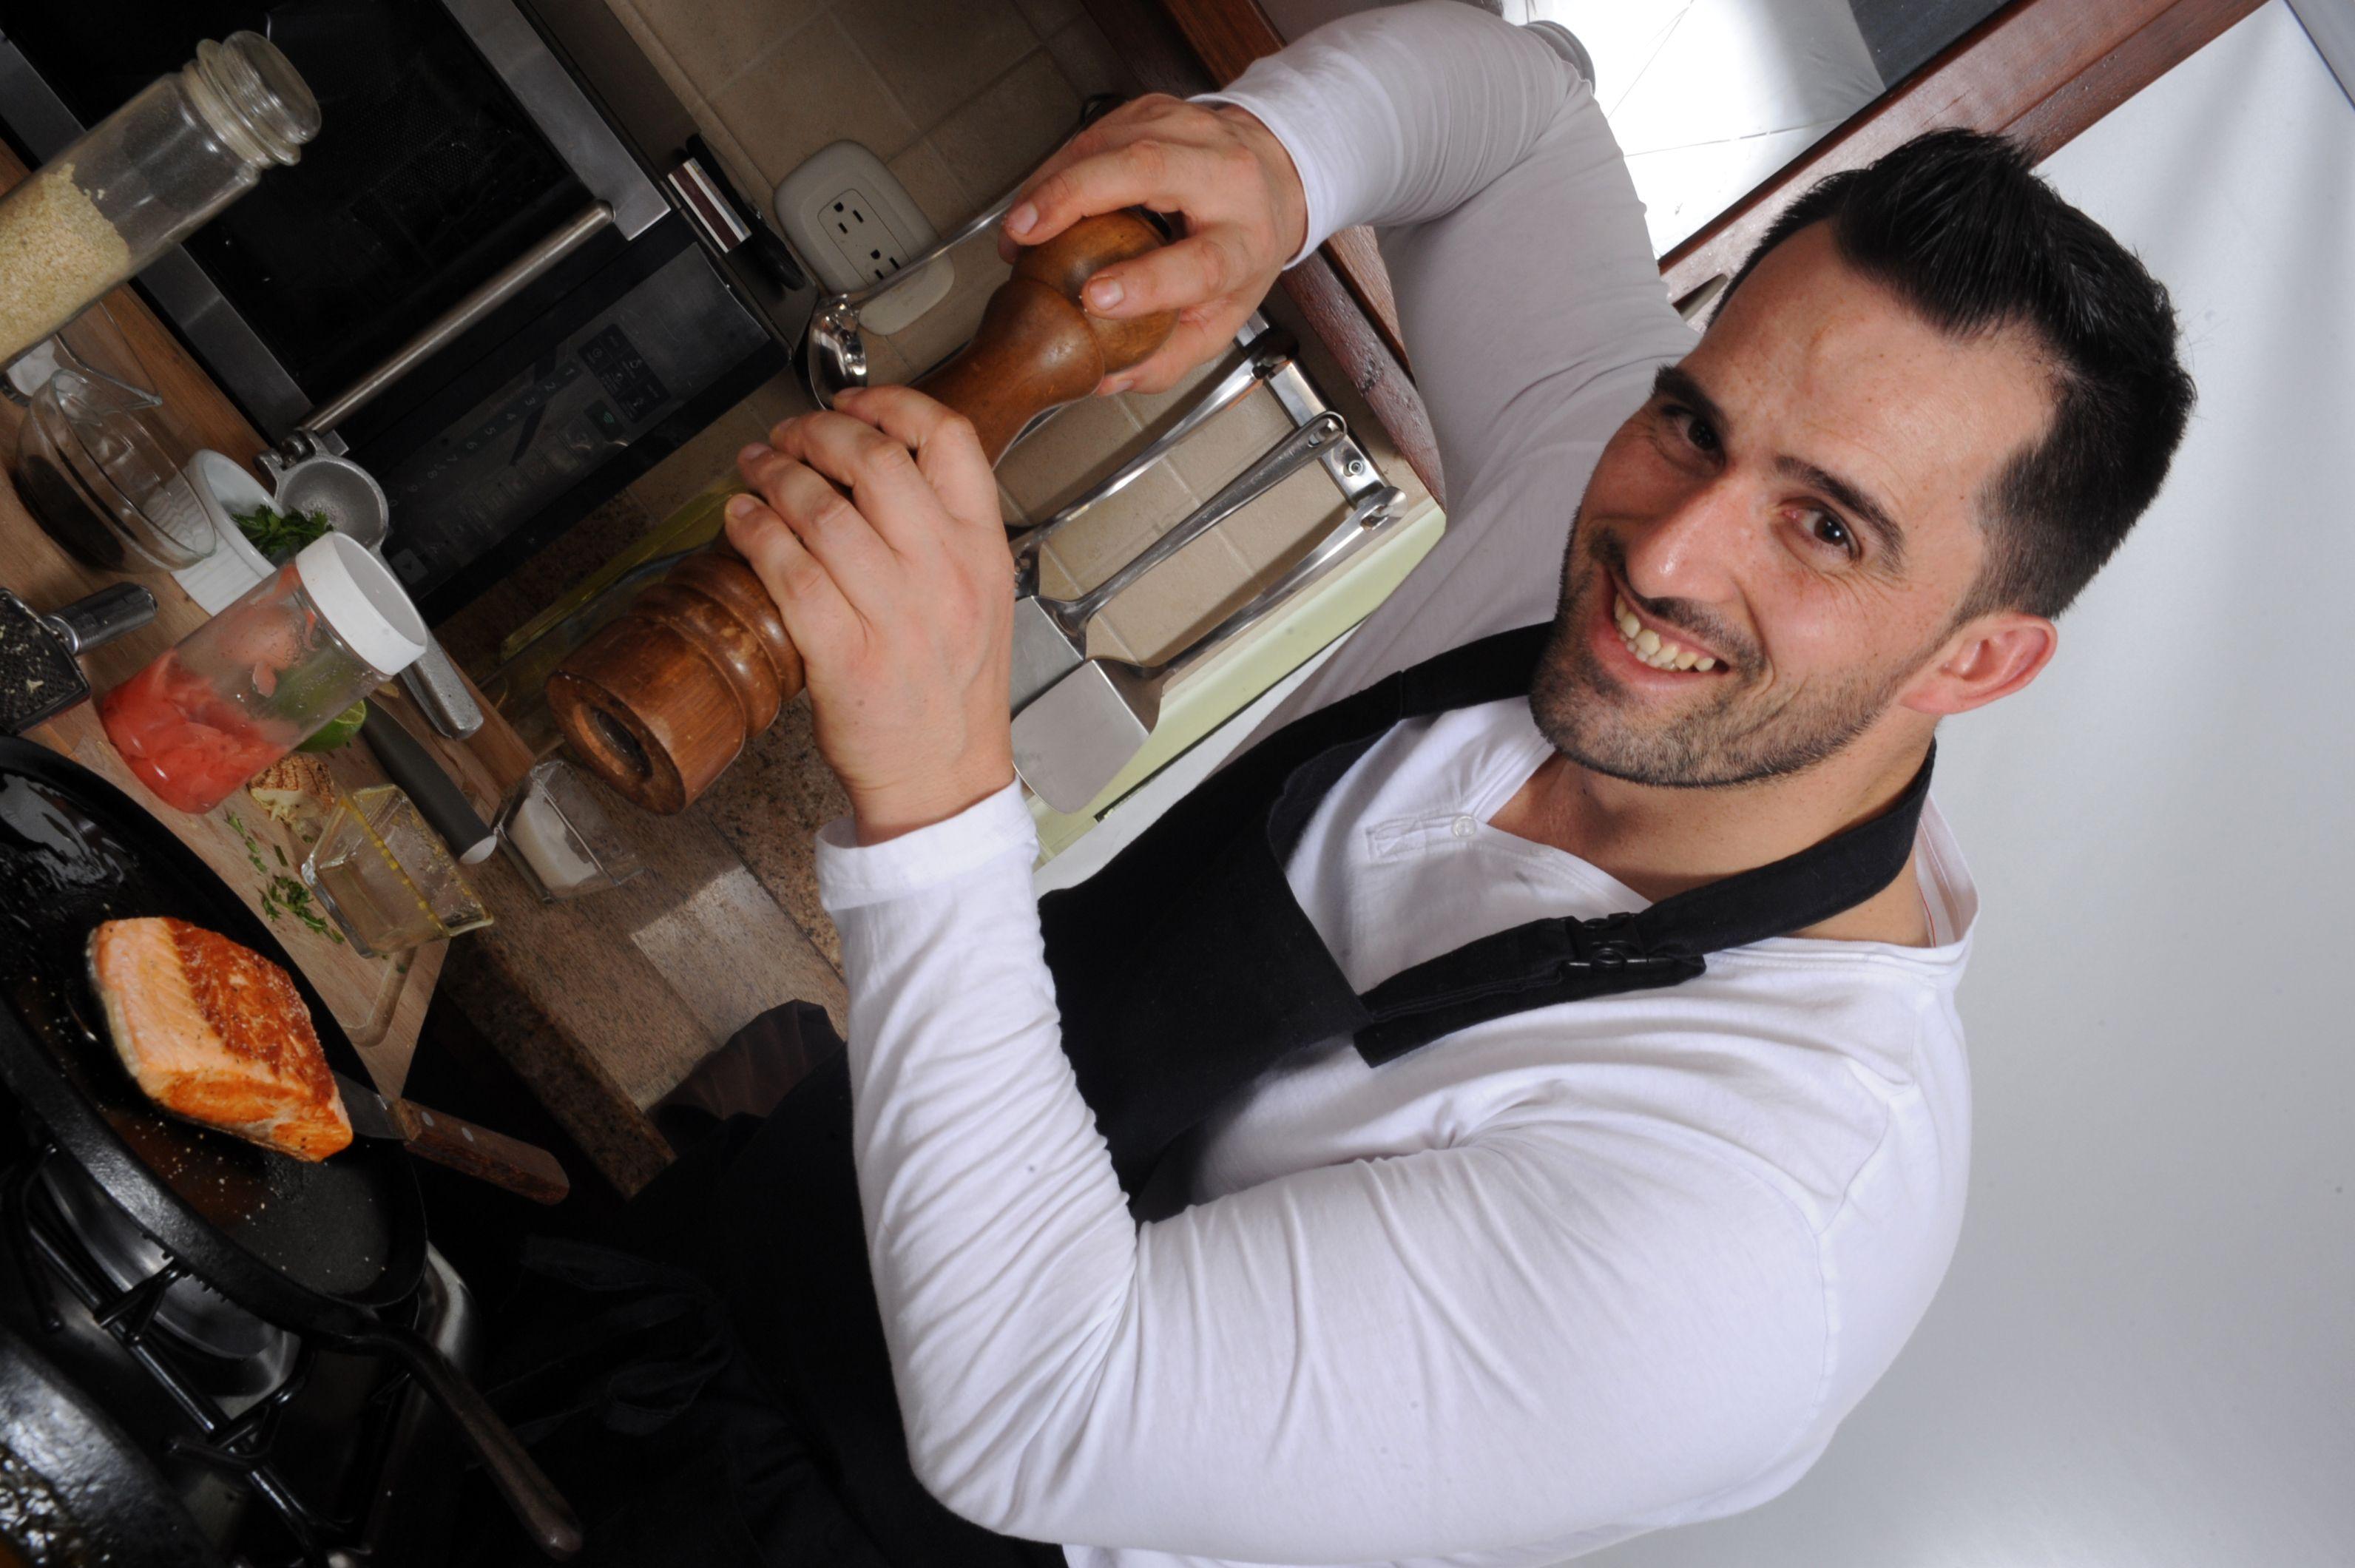 Joel Marqués: El ingrediente secreto de sus recetas son las infinitas tazas de pasión por el servicio